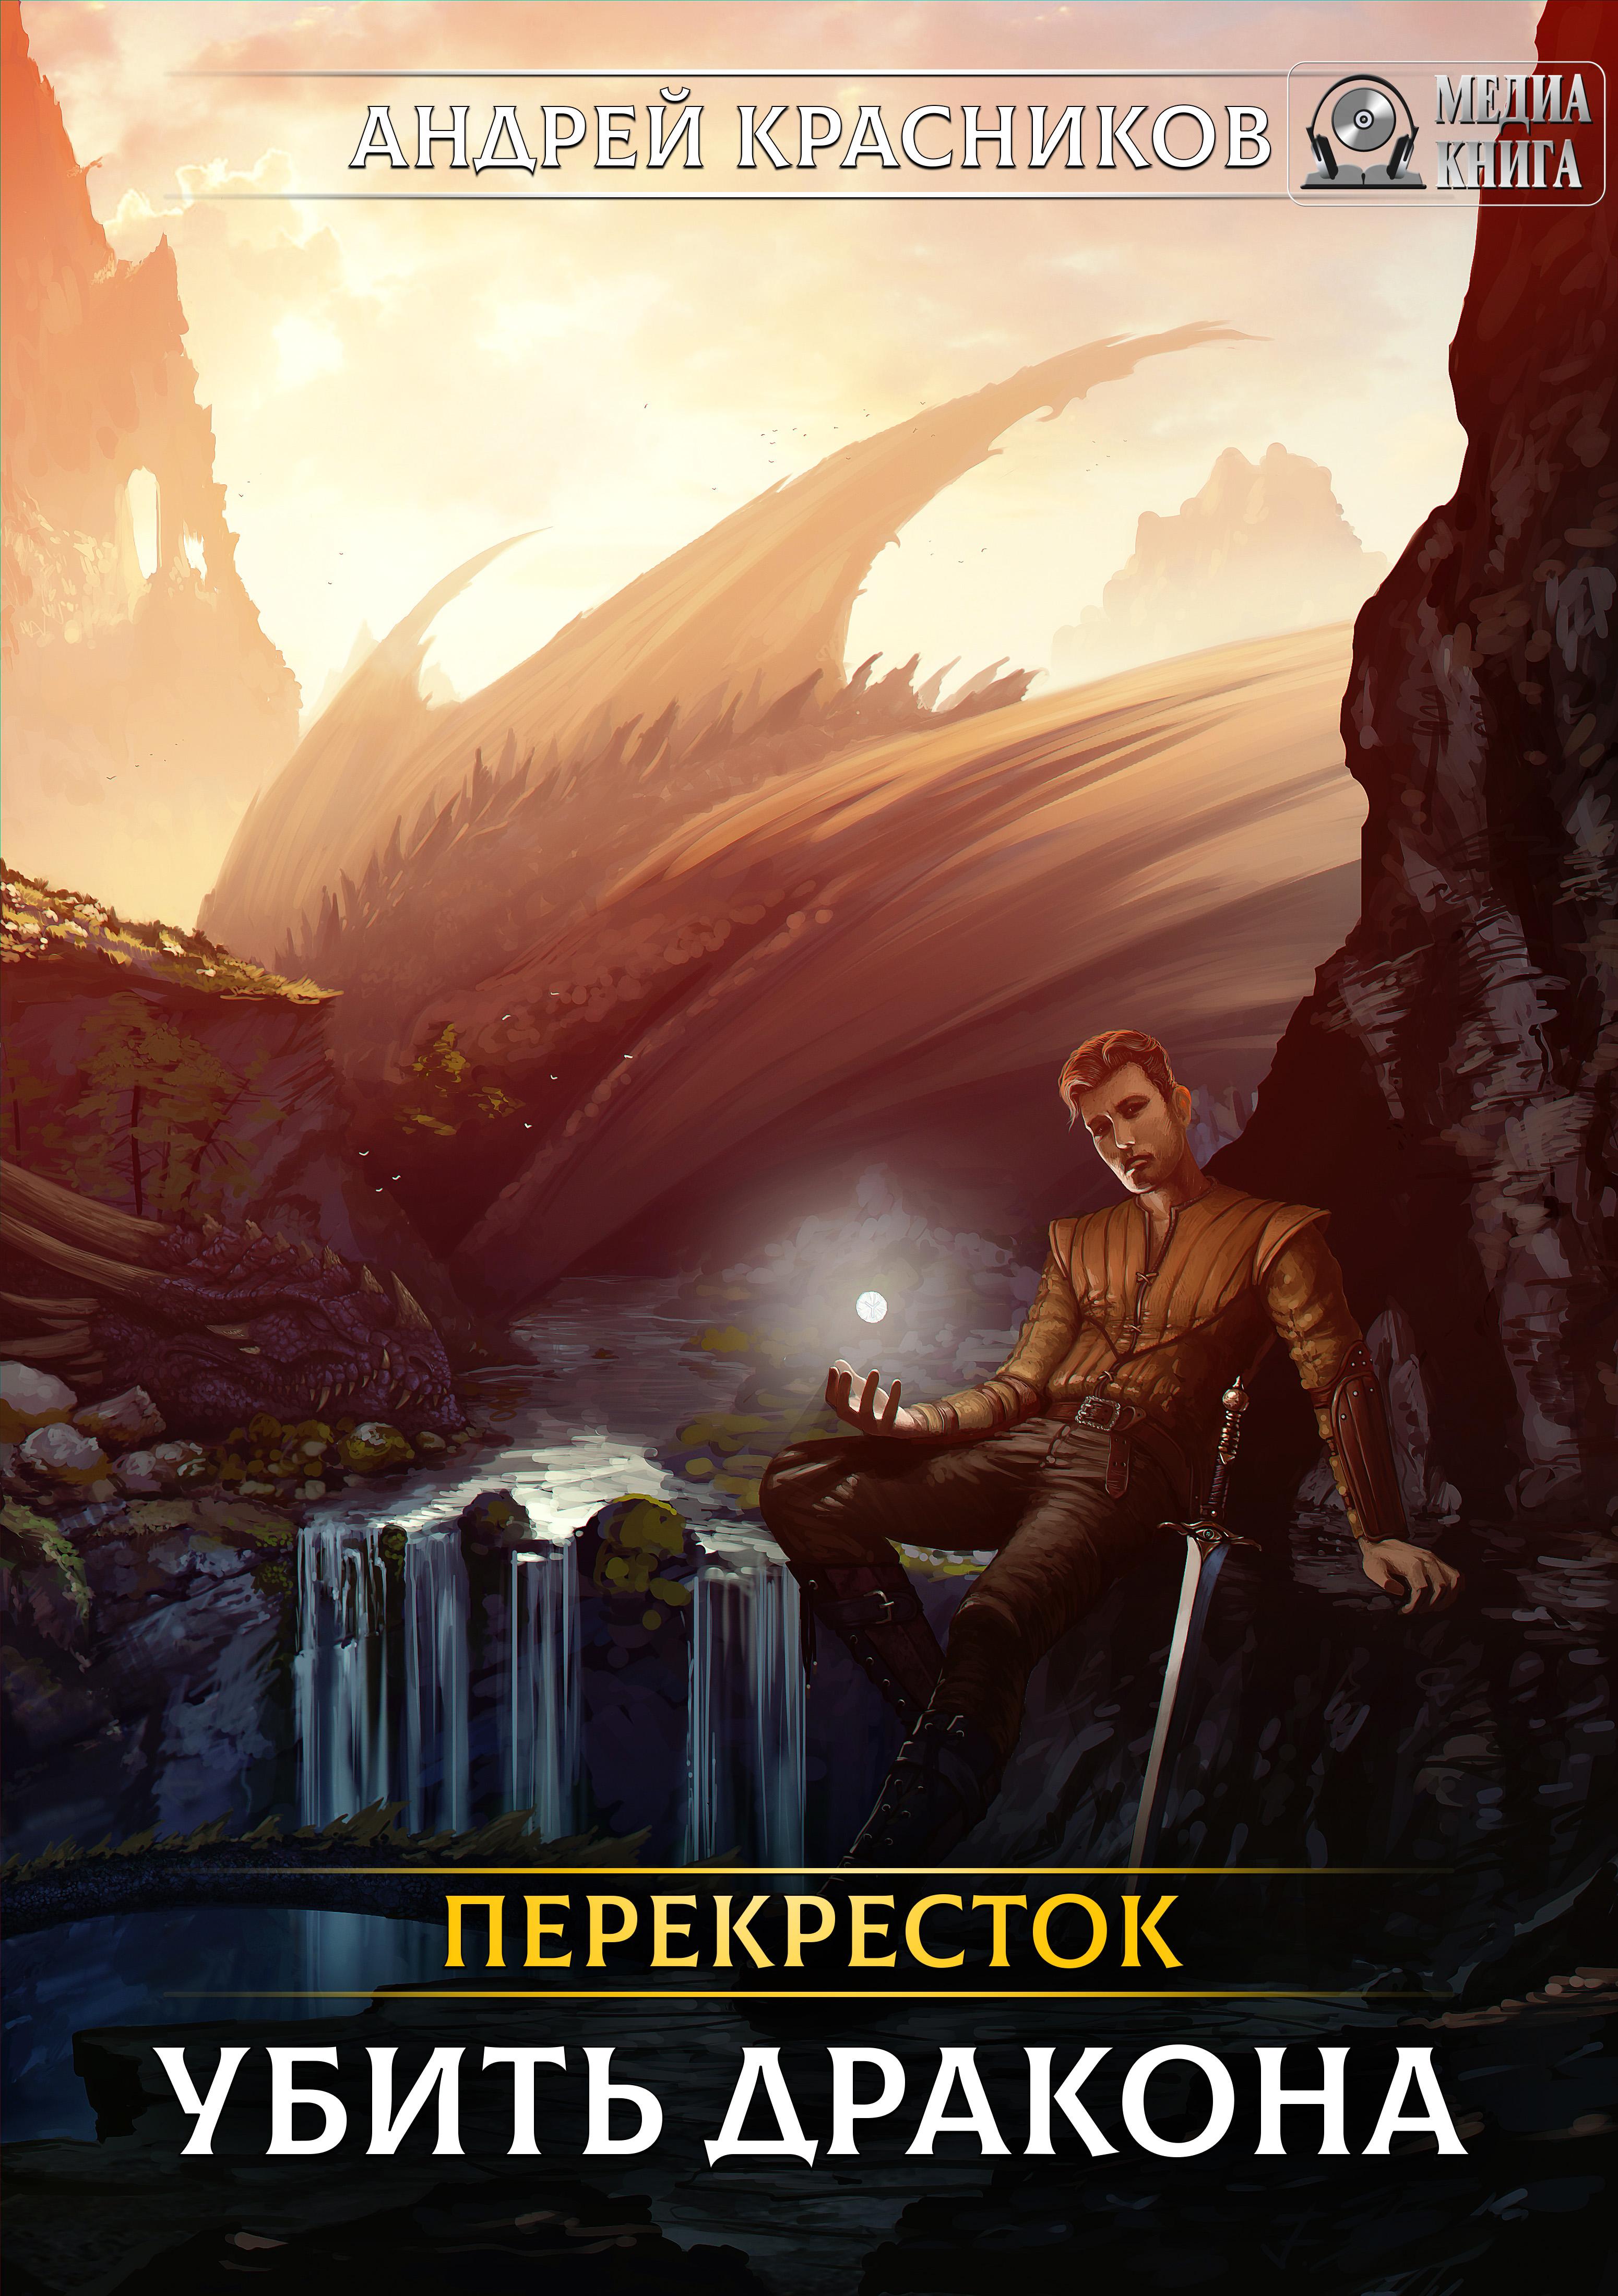 Купить книгу Убить дракона, автора Андрея Красникова